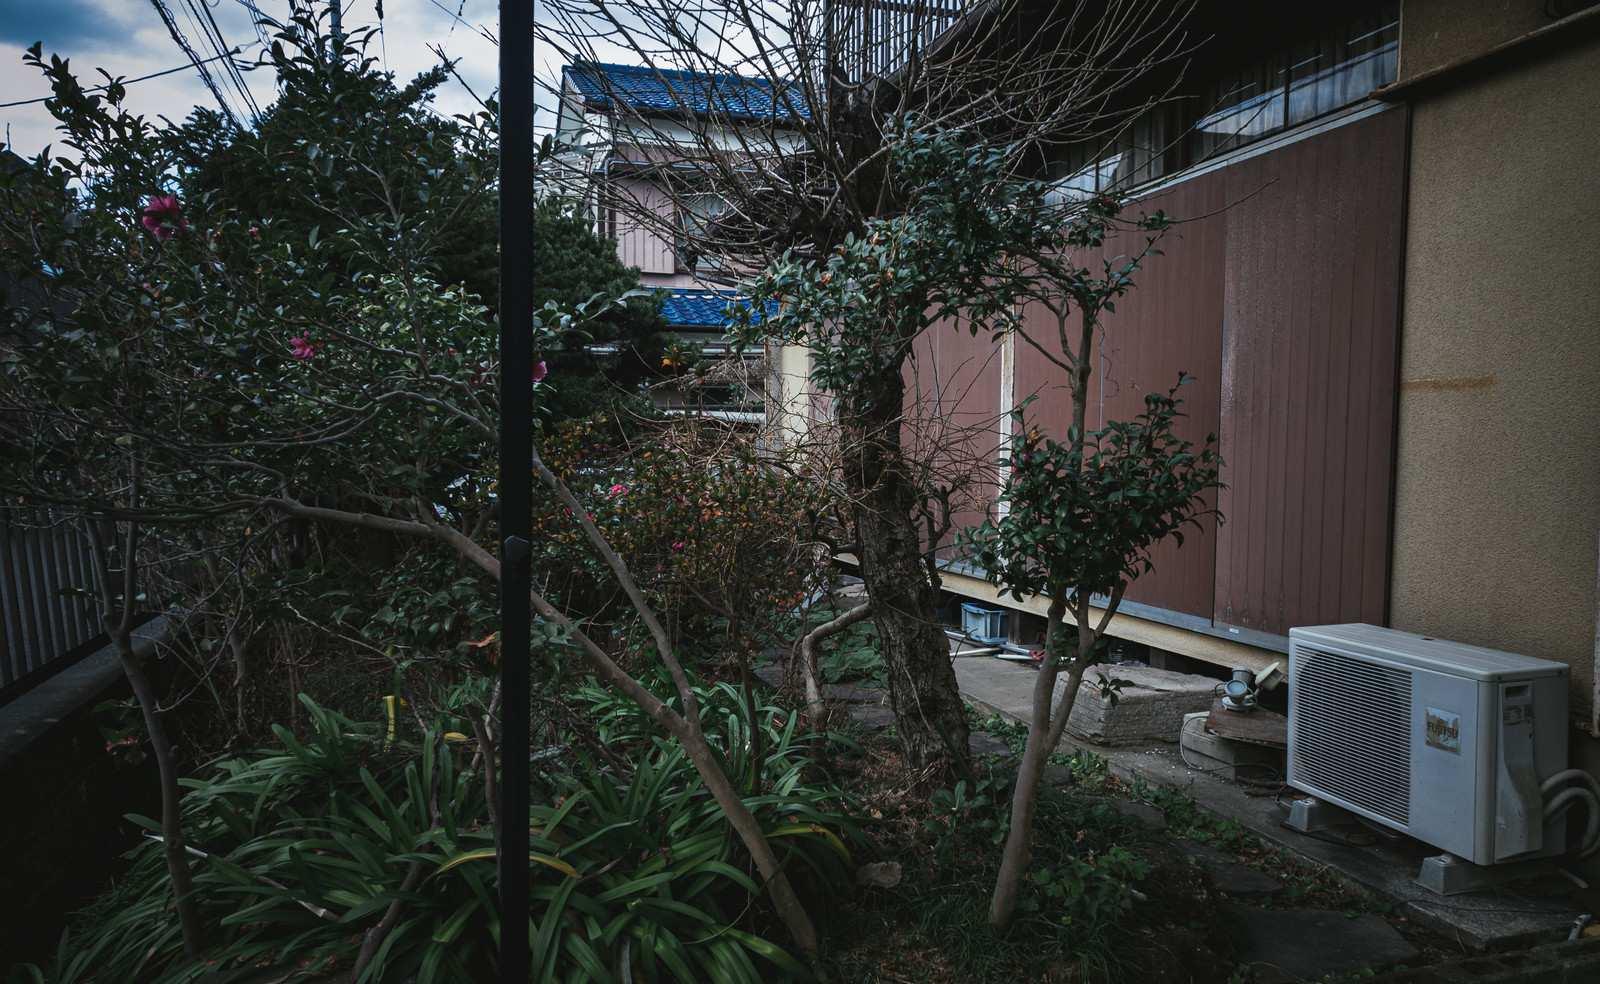 『家賃滞納者の末路』|【狂気】人間の本当にあった怖い話